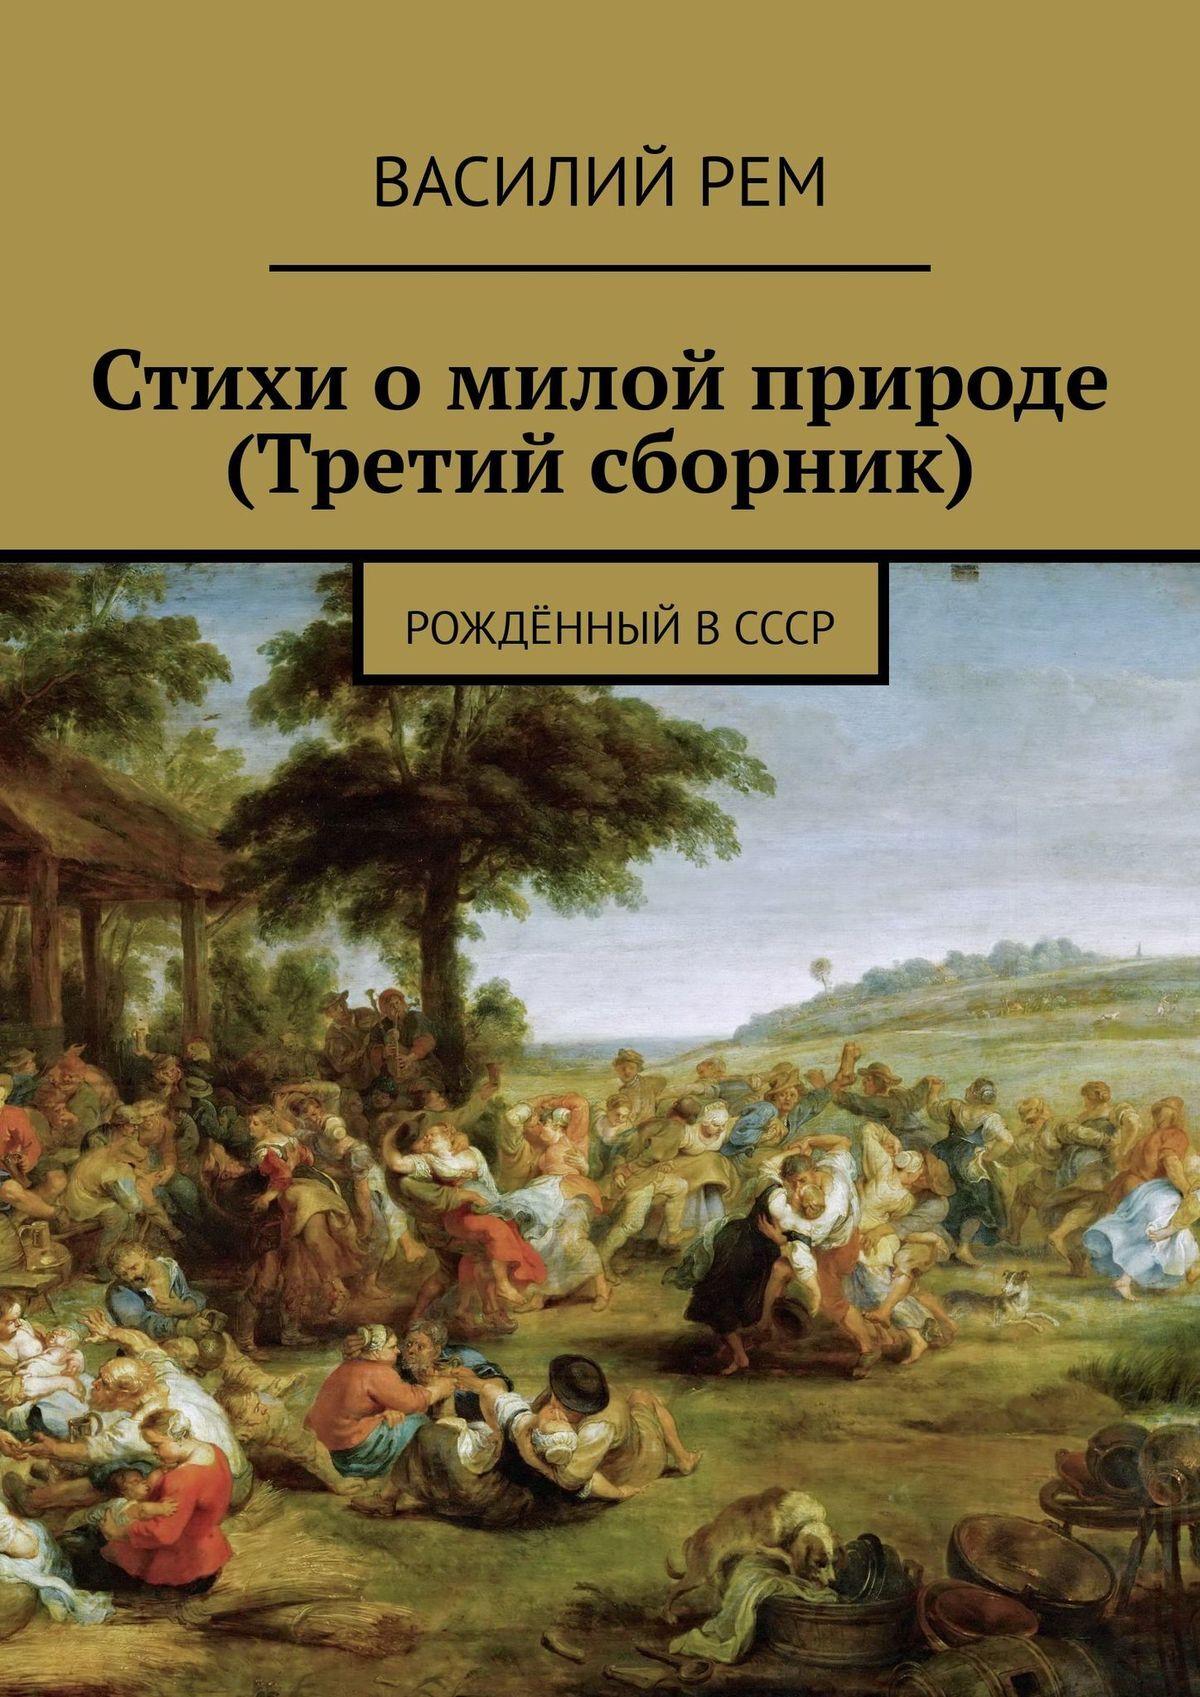 Стихи омилой природе (Третий сборник). Рождённый вСССР